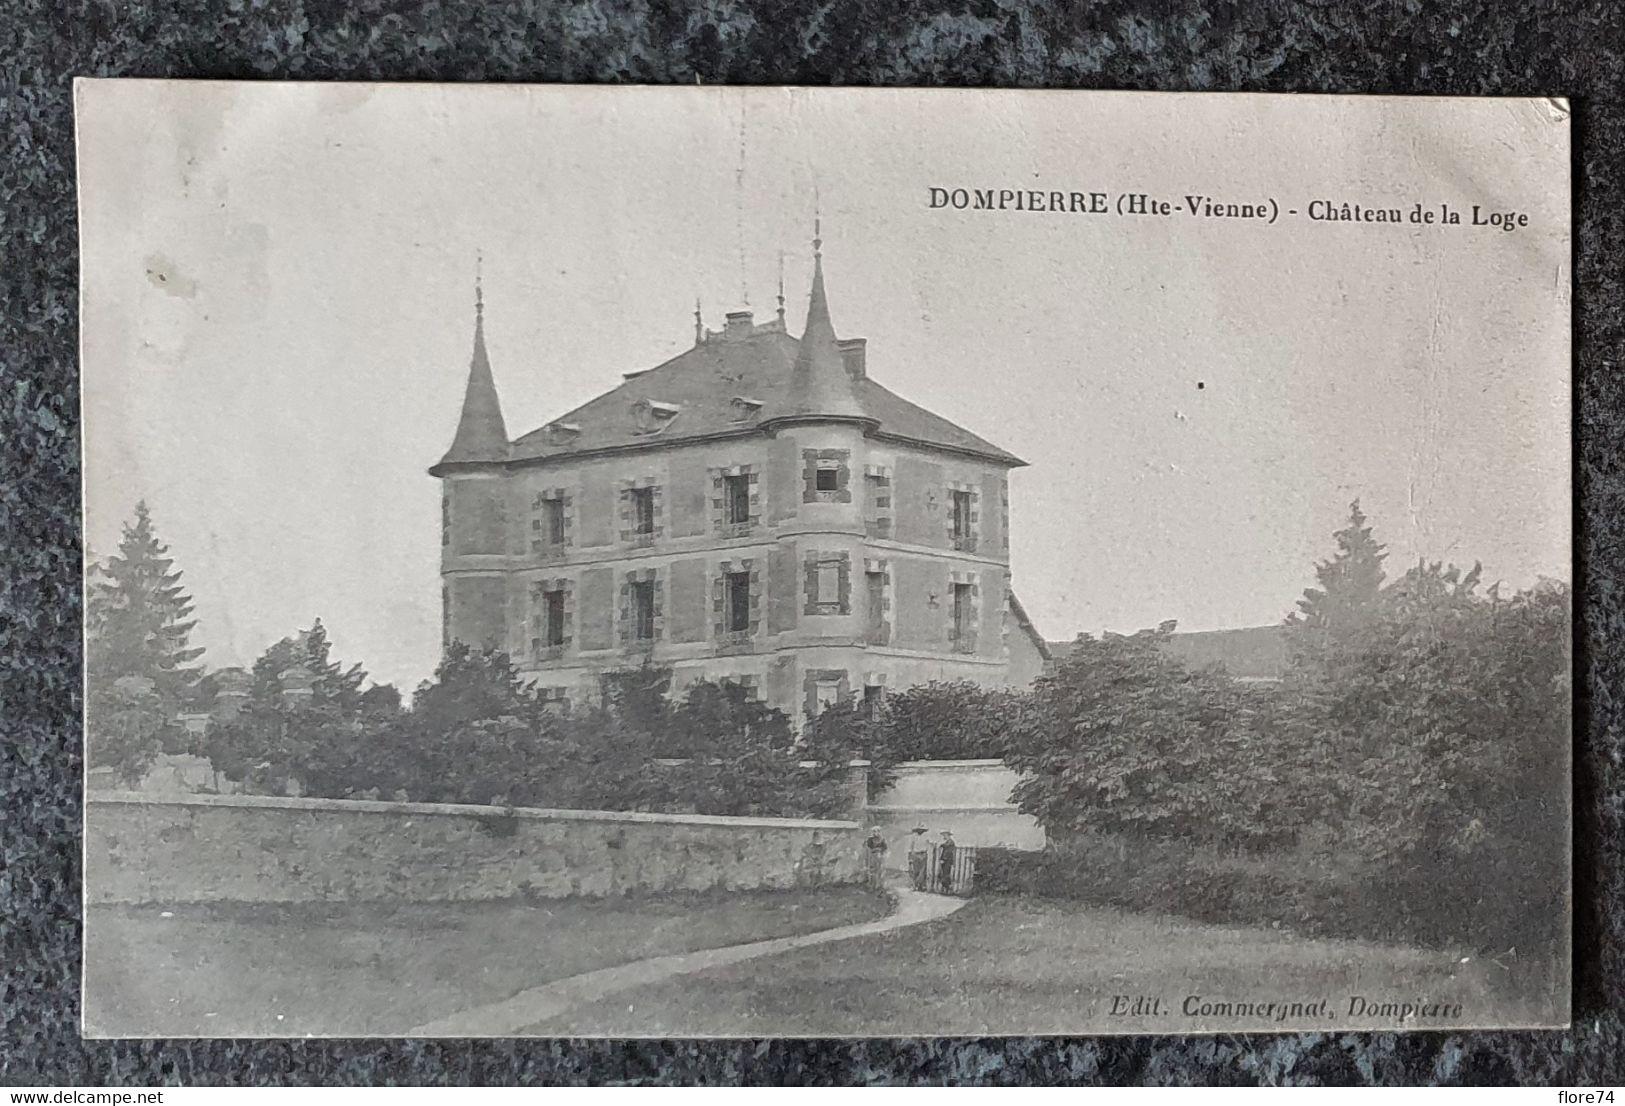 Haute-Vienne : L'Aiguille, Bellac, Ambazac, Solignac, Bussière, Châteauneuf-la-Forêt, Chateauponsac - Autres Communes